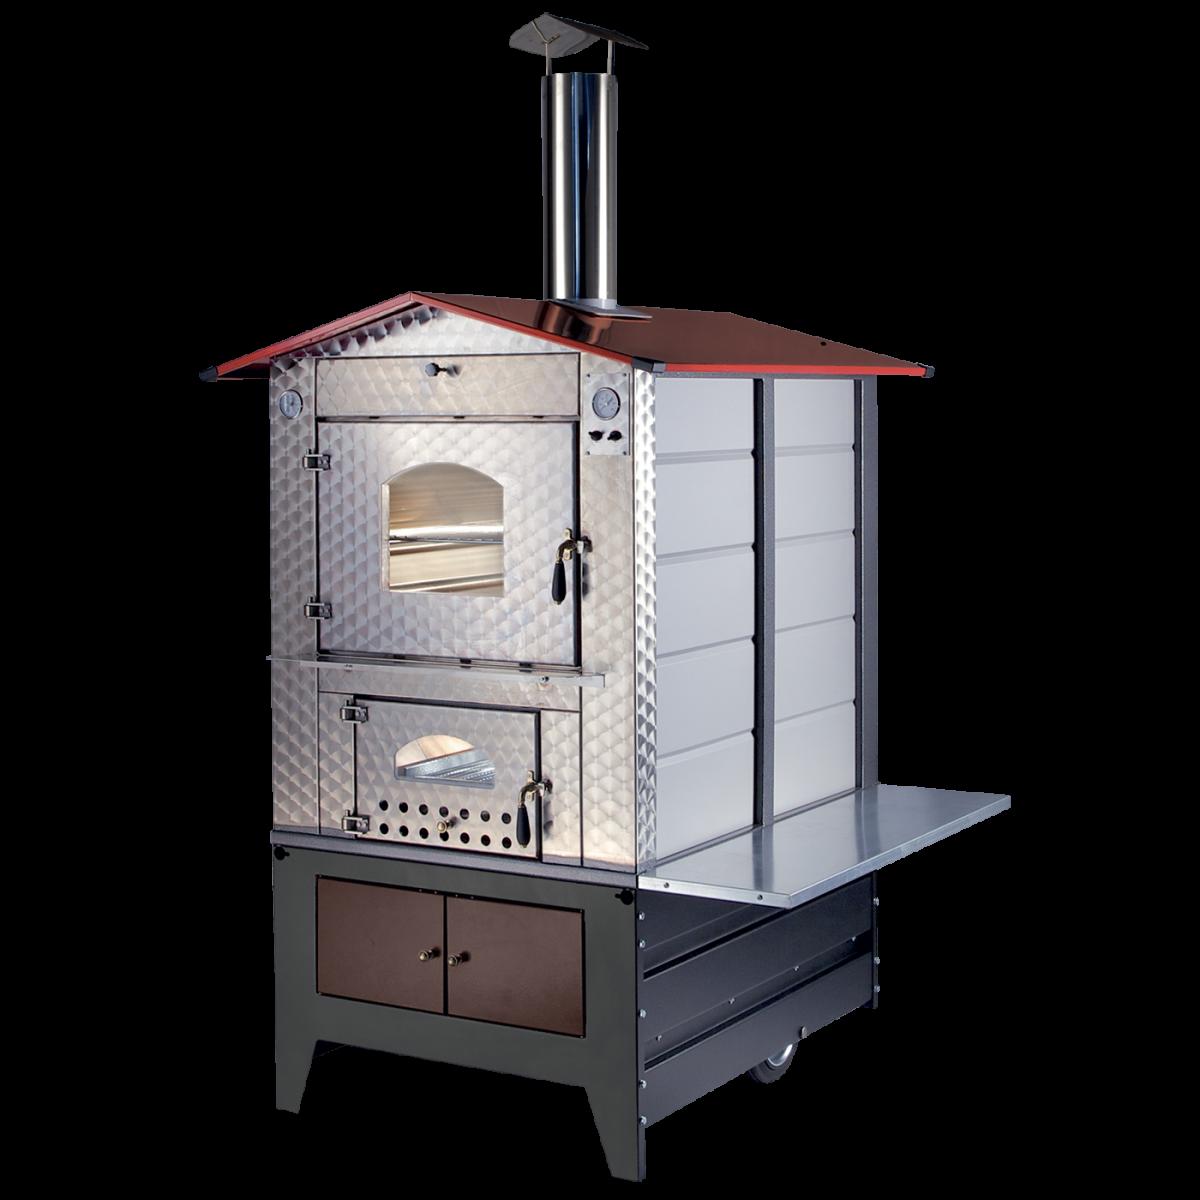 Forno a legna da esterno g100 gemignani macchine enologiche macchina enologica presse - Forno a legna interno ...